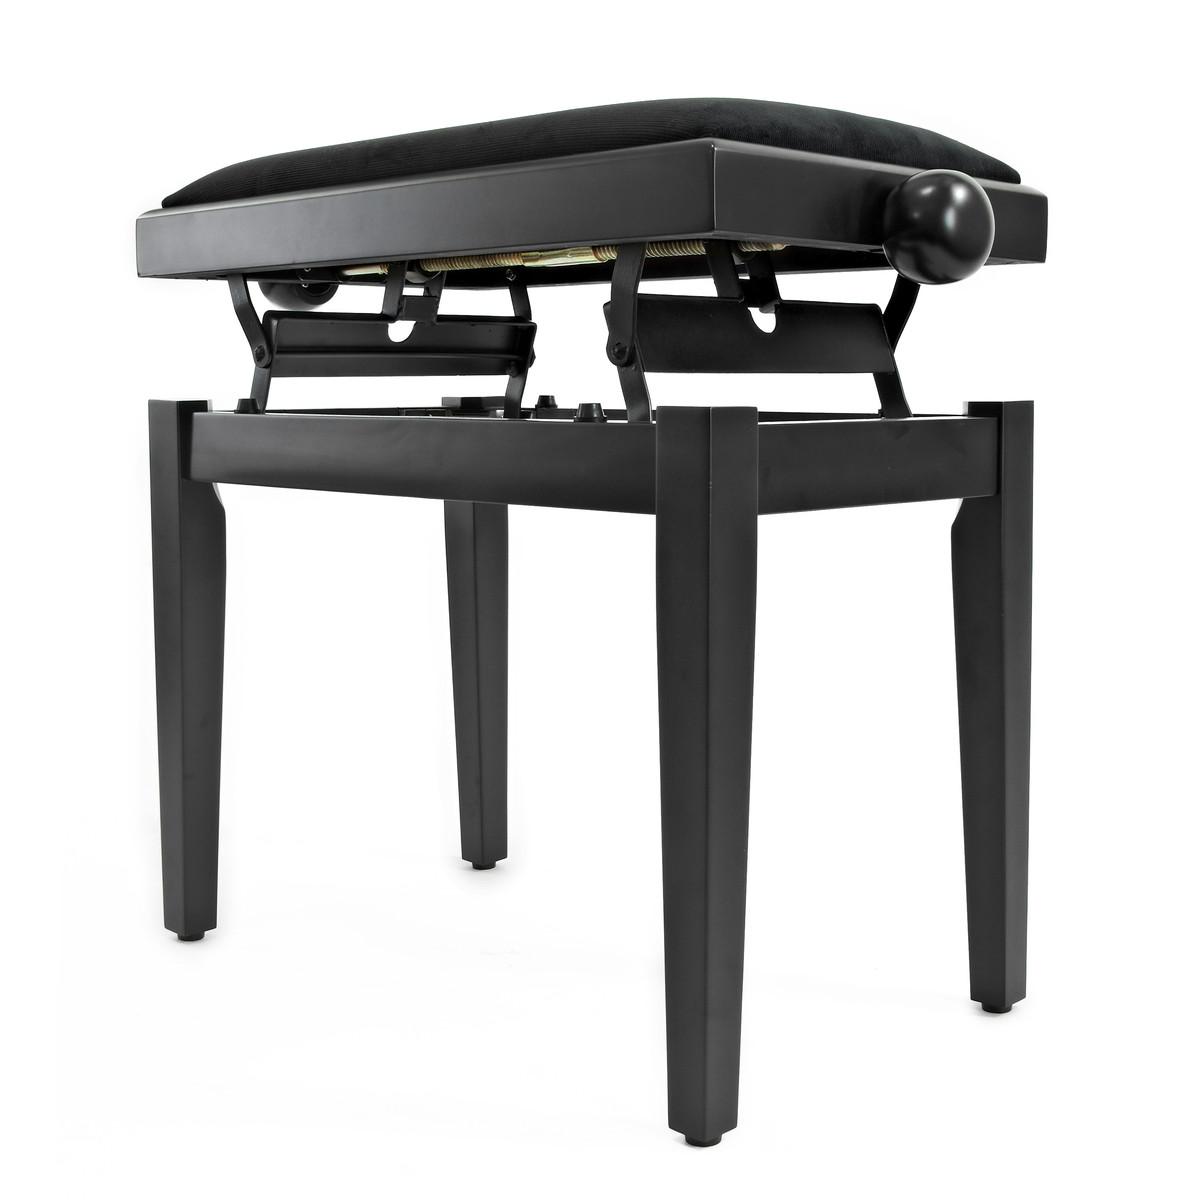 tabouret de piano r glable par gear4music noir mat ex d mo. Black Bedroom Furniture Sets. Home Design Ideas